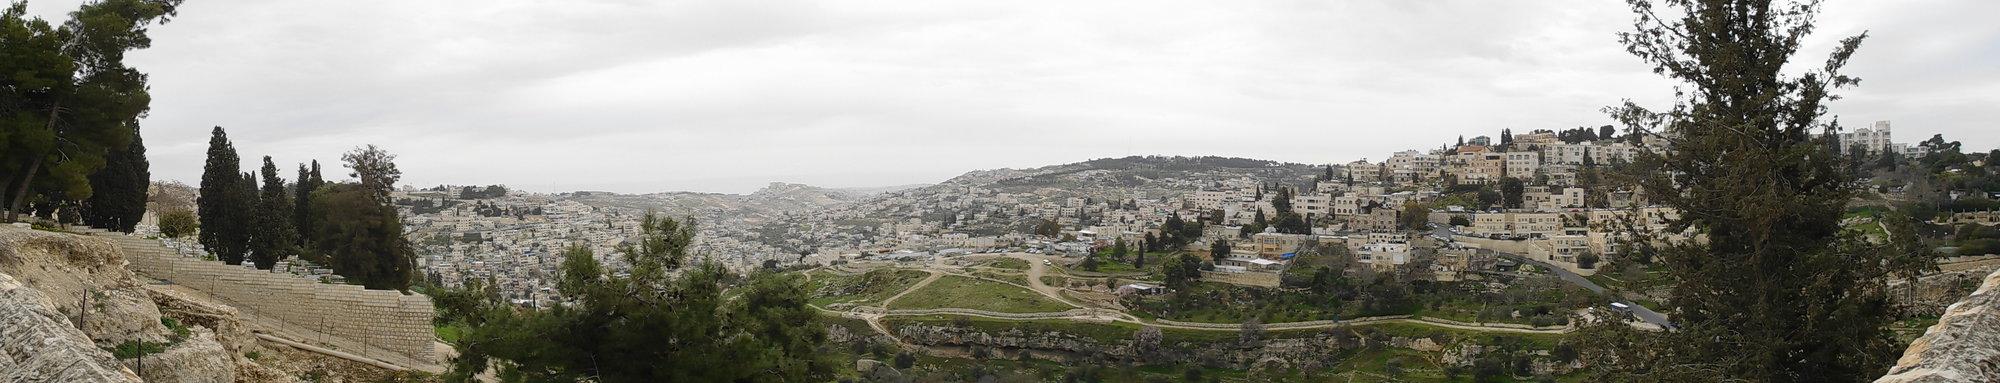 výhled na Palestinu z hory Sion